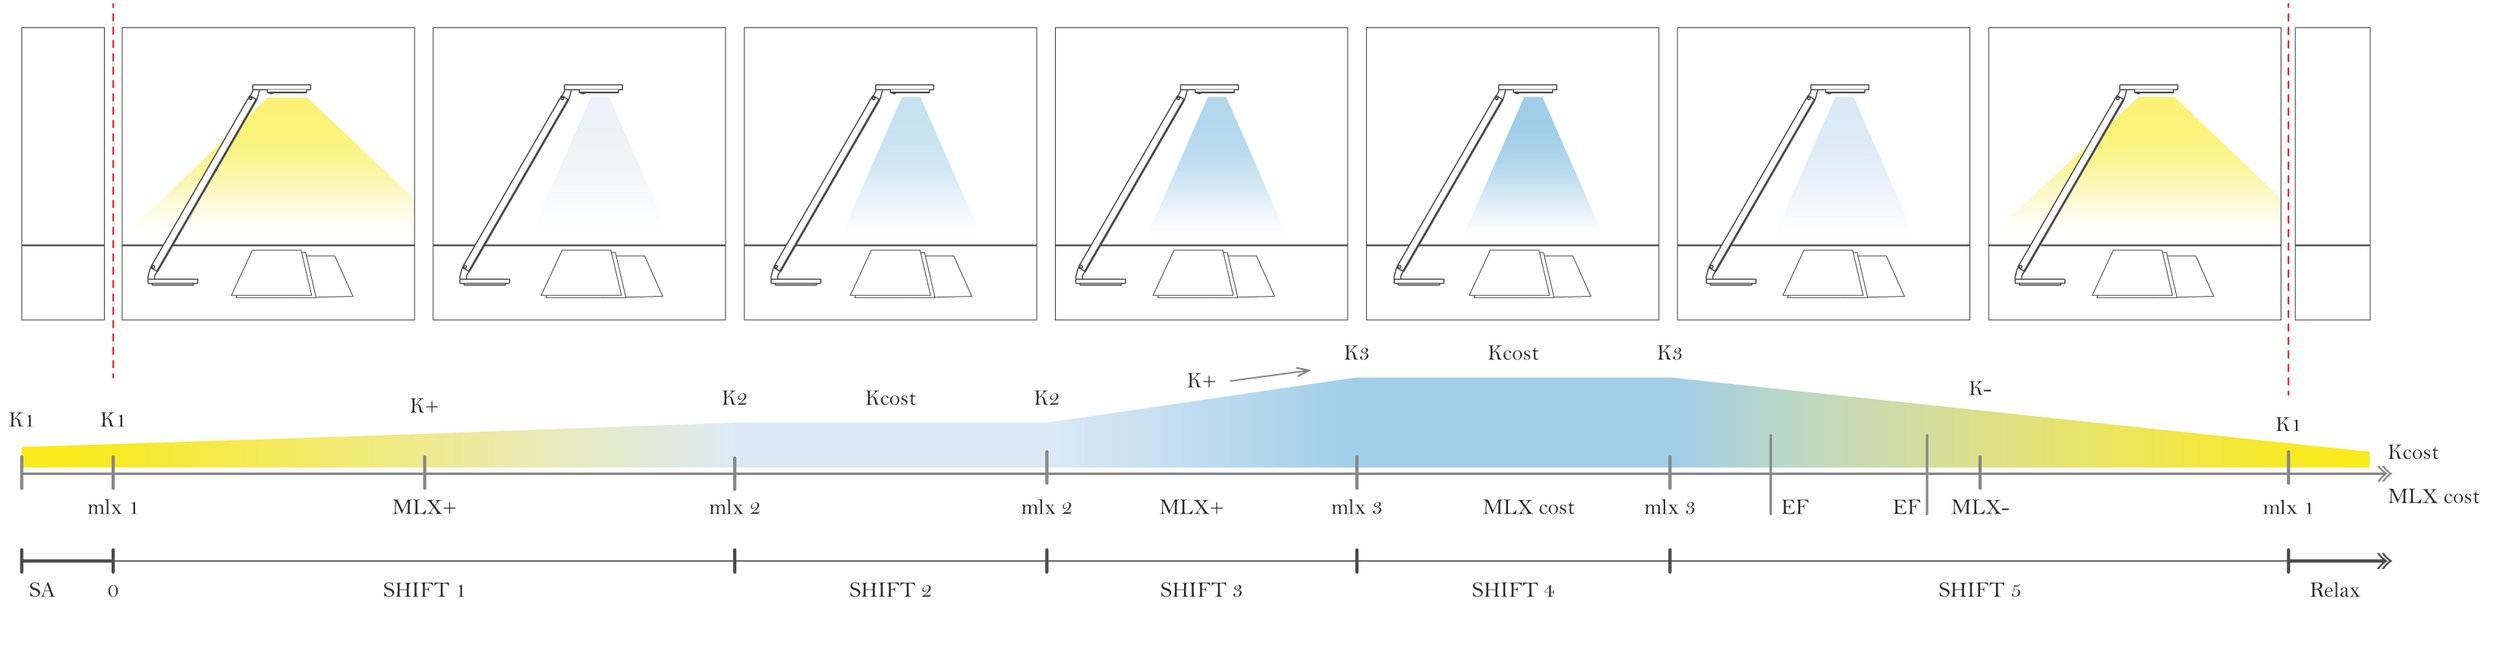 Ciclo luminoso in modalità Focus: tripla dinamicità.(immagine protetta)